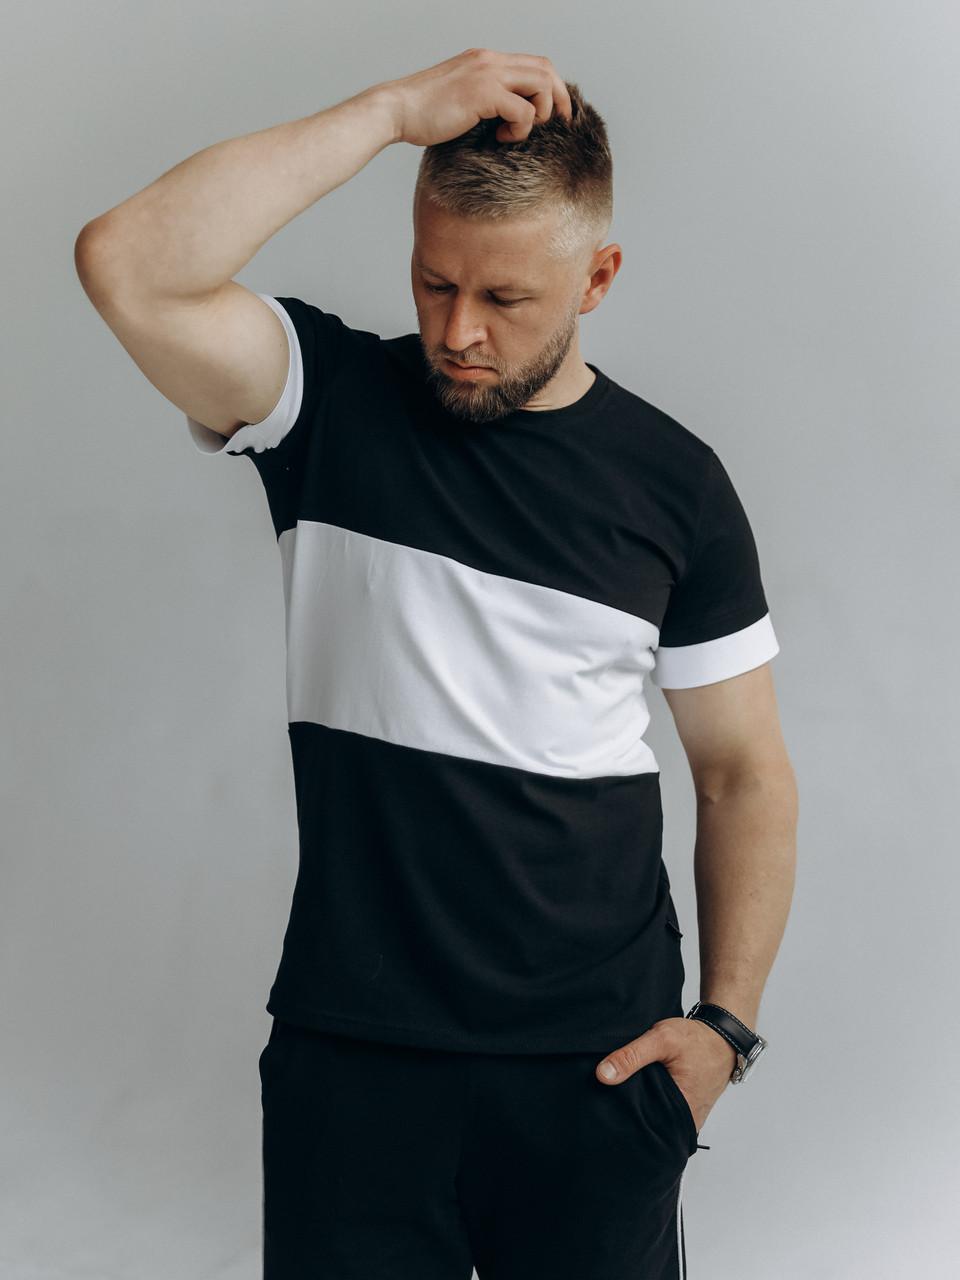 Мужская футболка двухцветная из 100% хлопка / Качественная стильная однотонная мужская футболка с принтом